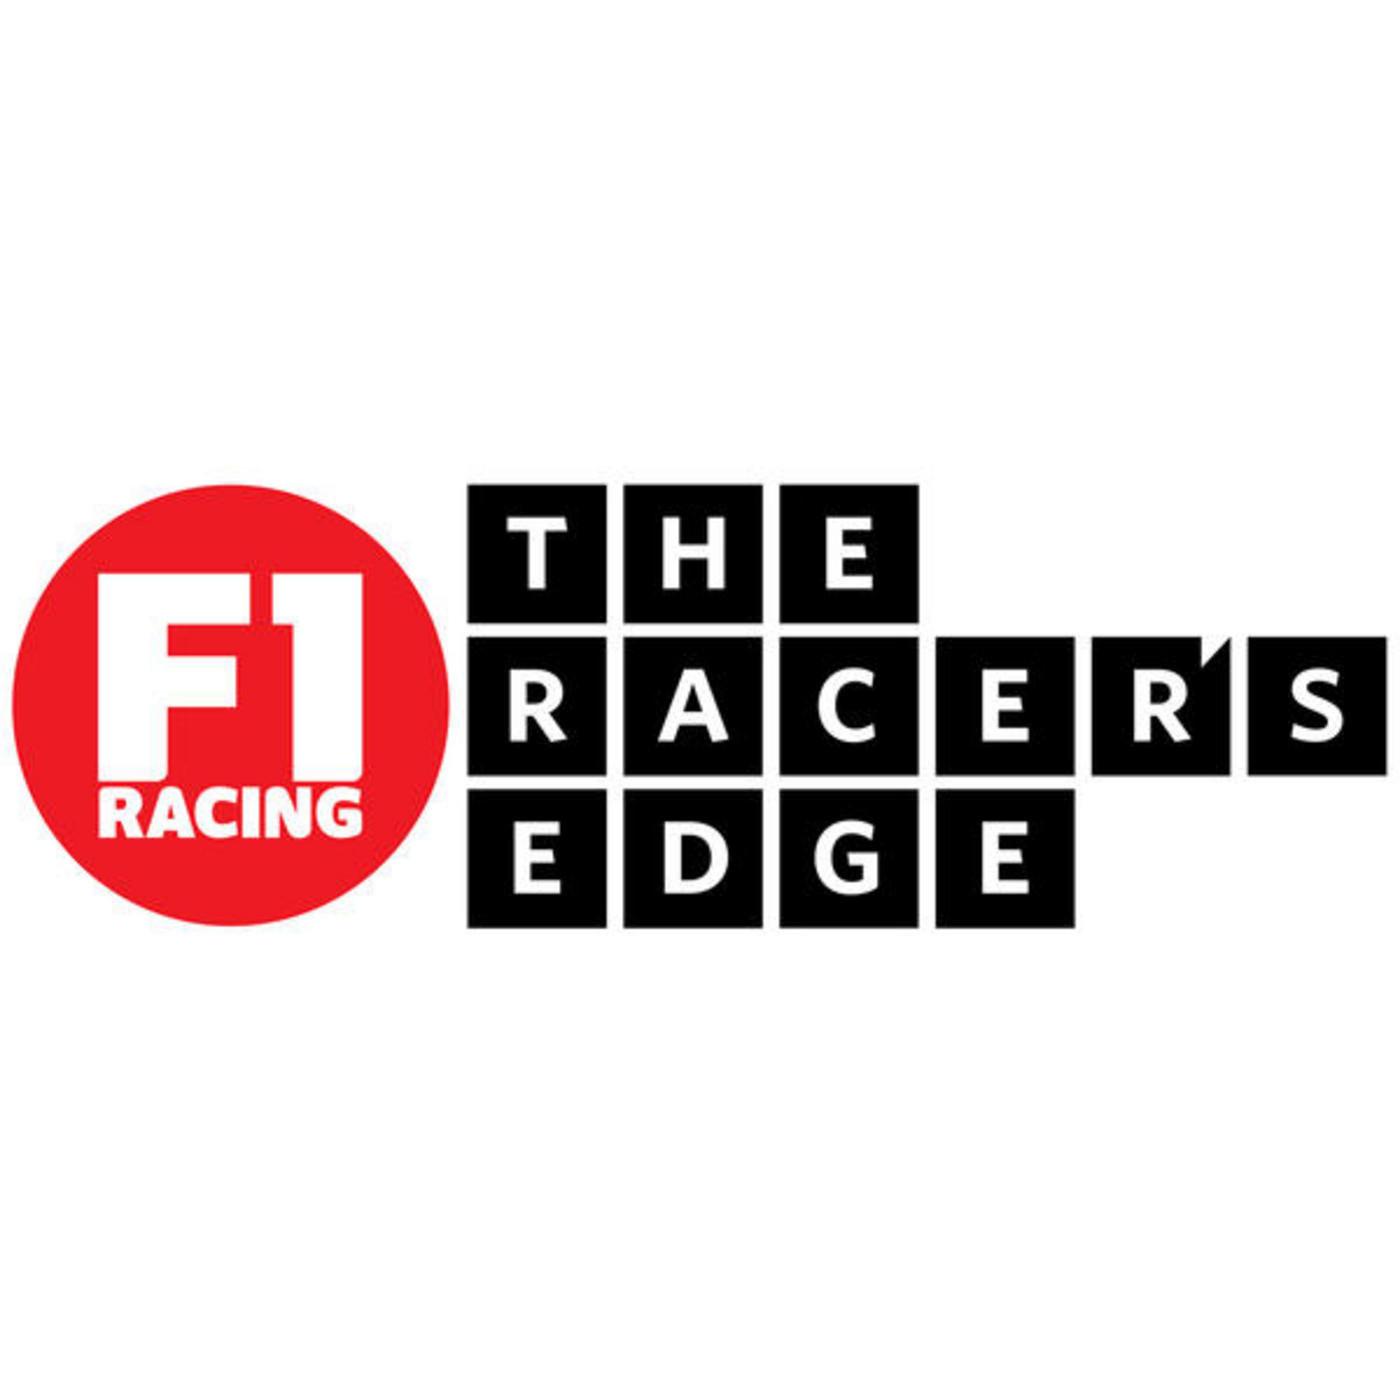 The Racer's Edge Episode 28 - Monza Debrief